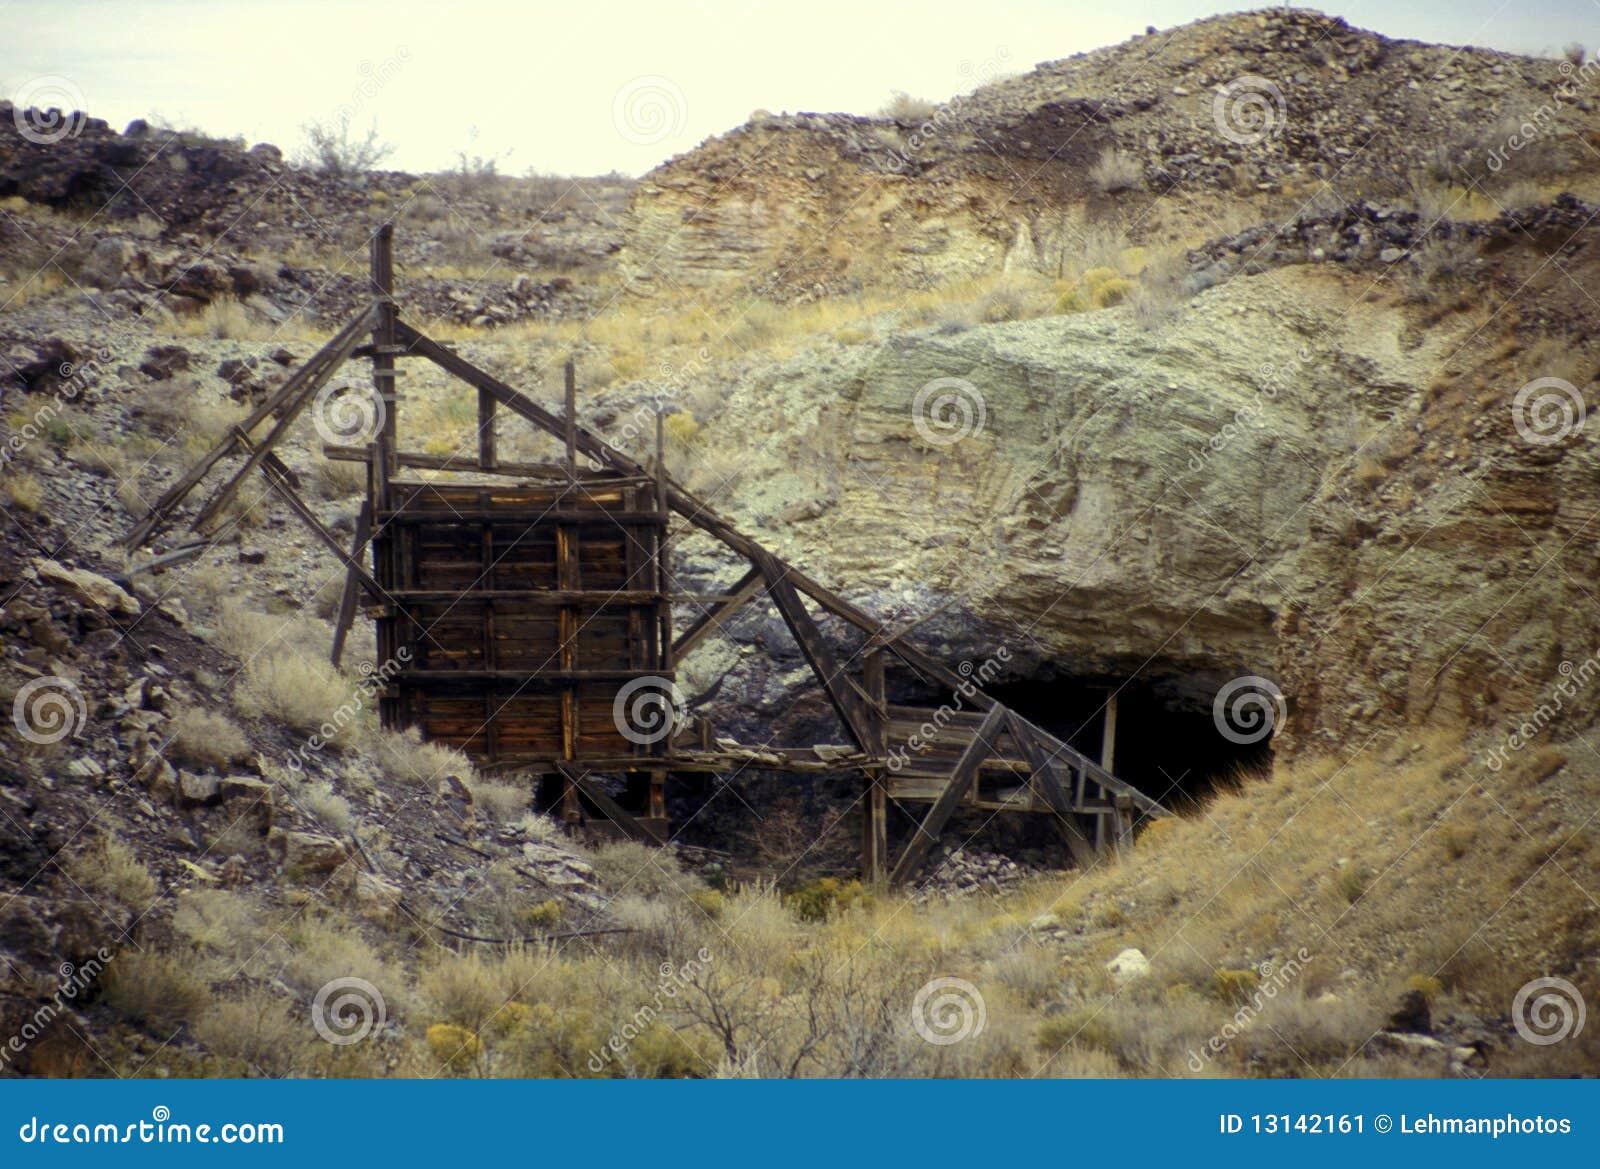 Mine Shaft Entrance Stock Image - Image: 13142161